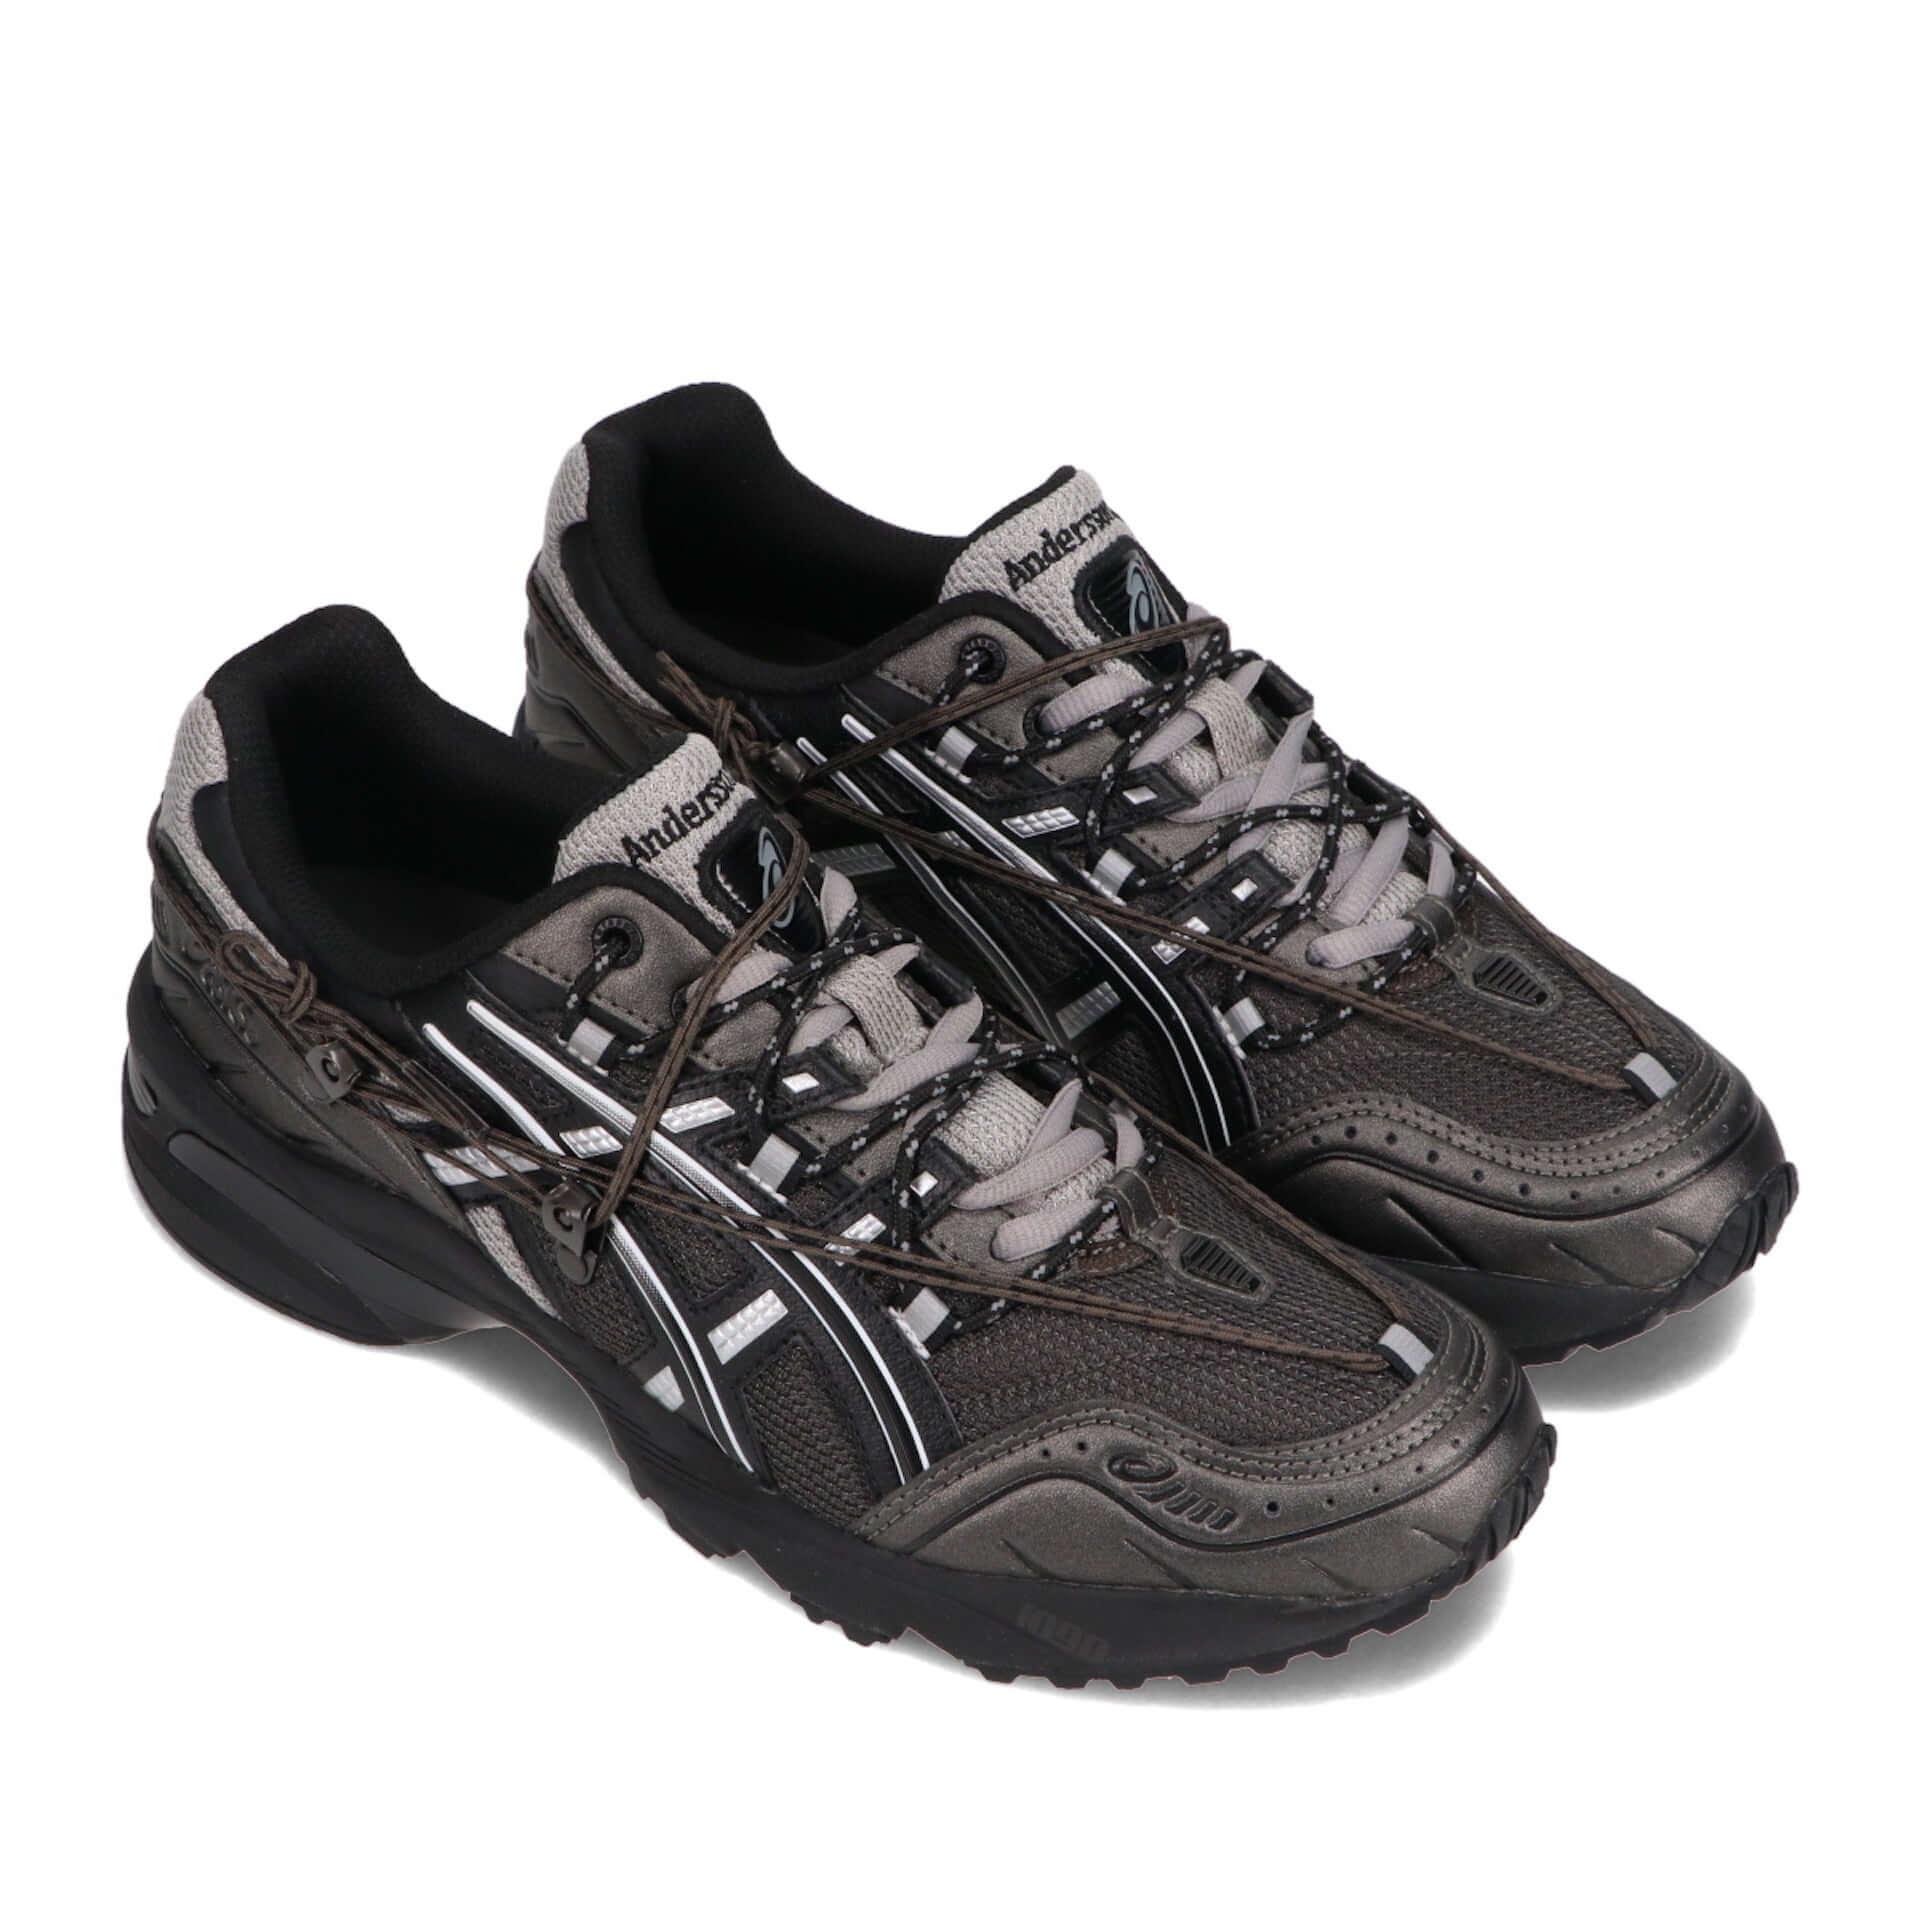 atmosにてASICS SportStyle『GEL-1090』の新色3種が発売決定!Andersson Bellの登山靴から着想を得た装飾に注目 lf210324_atmos_5-1920x1920